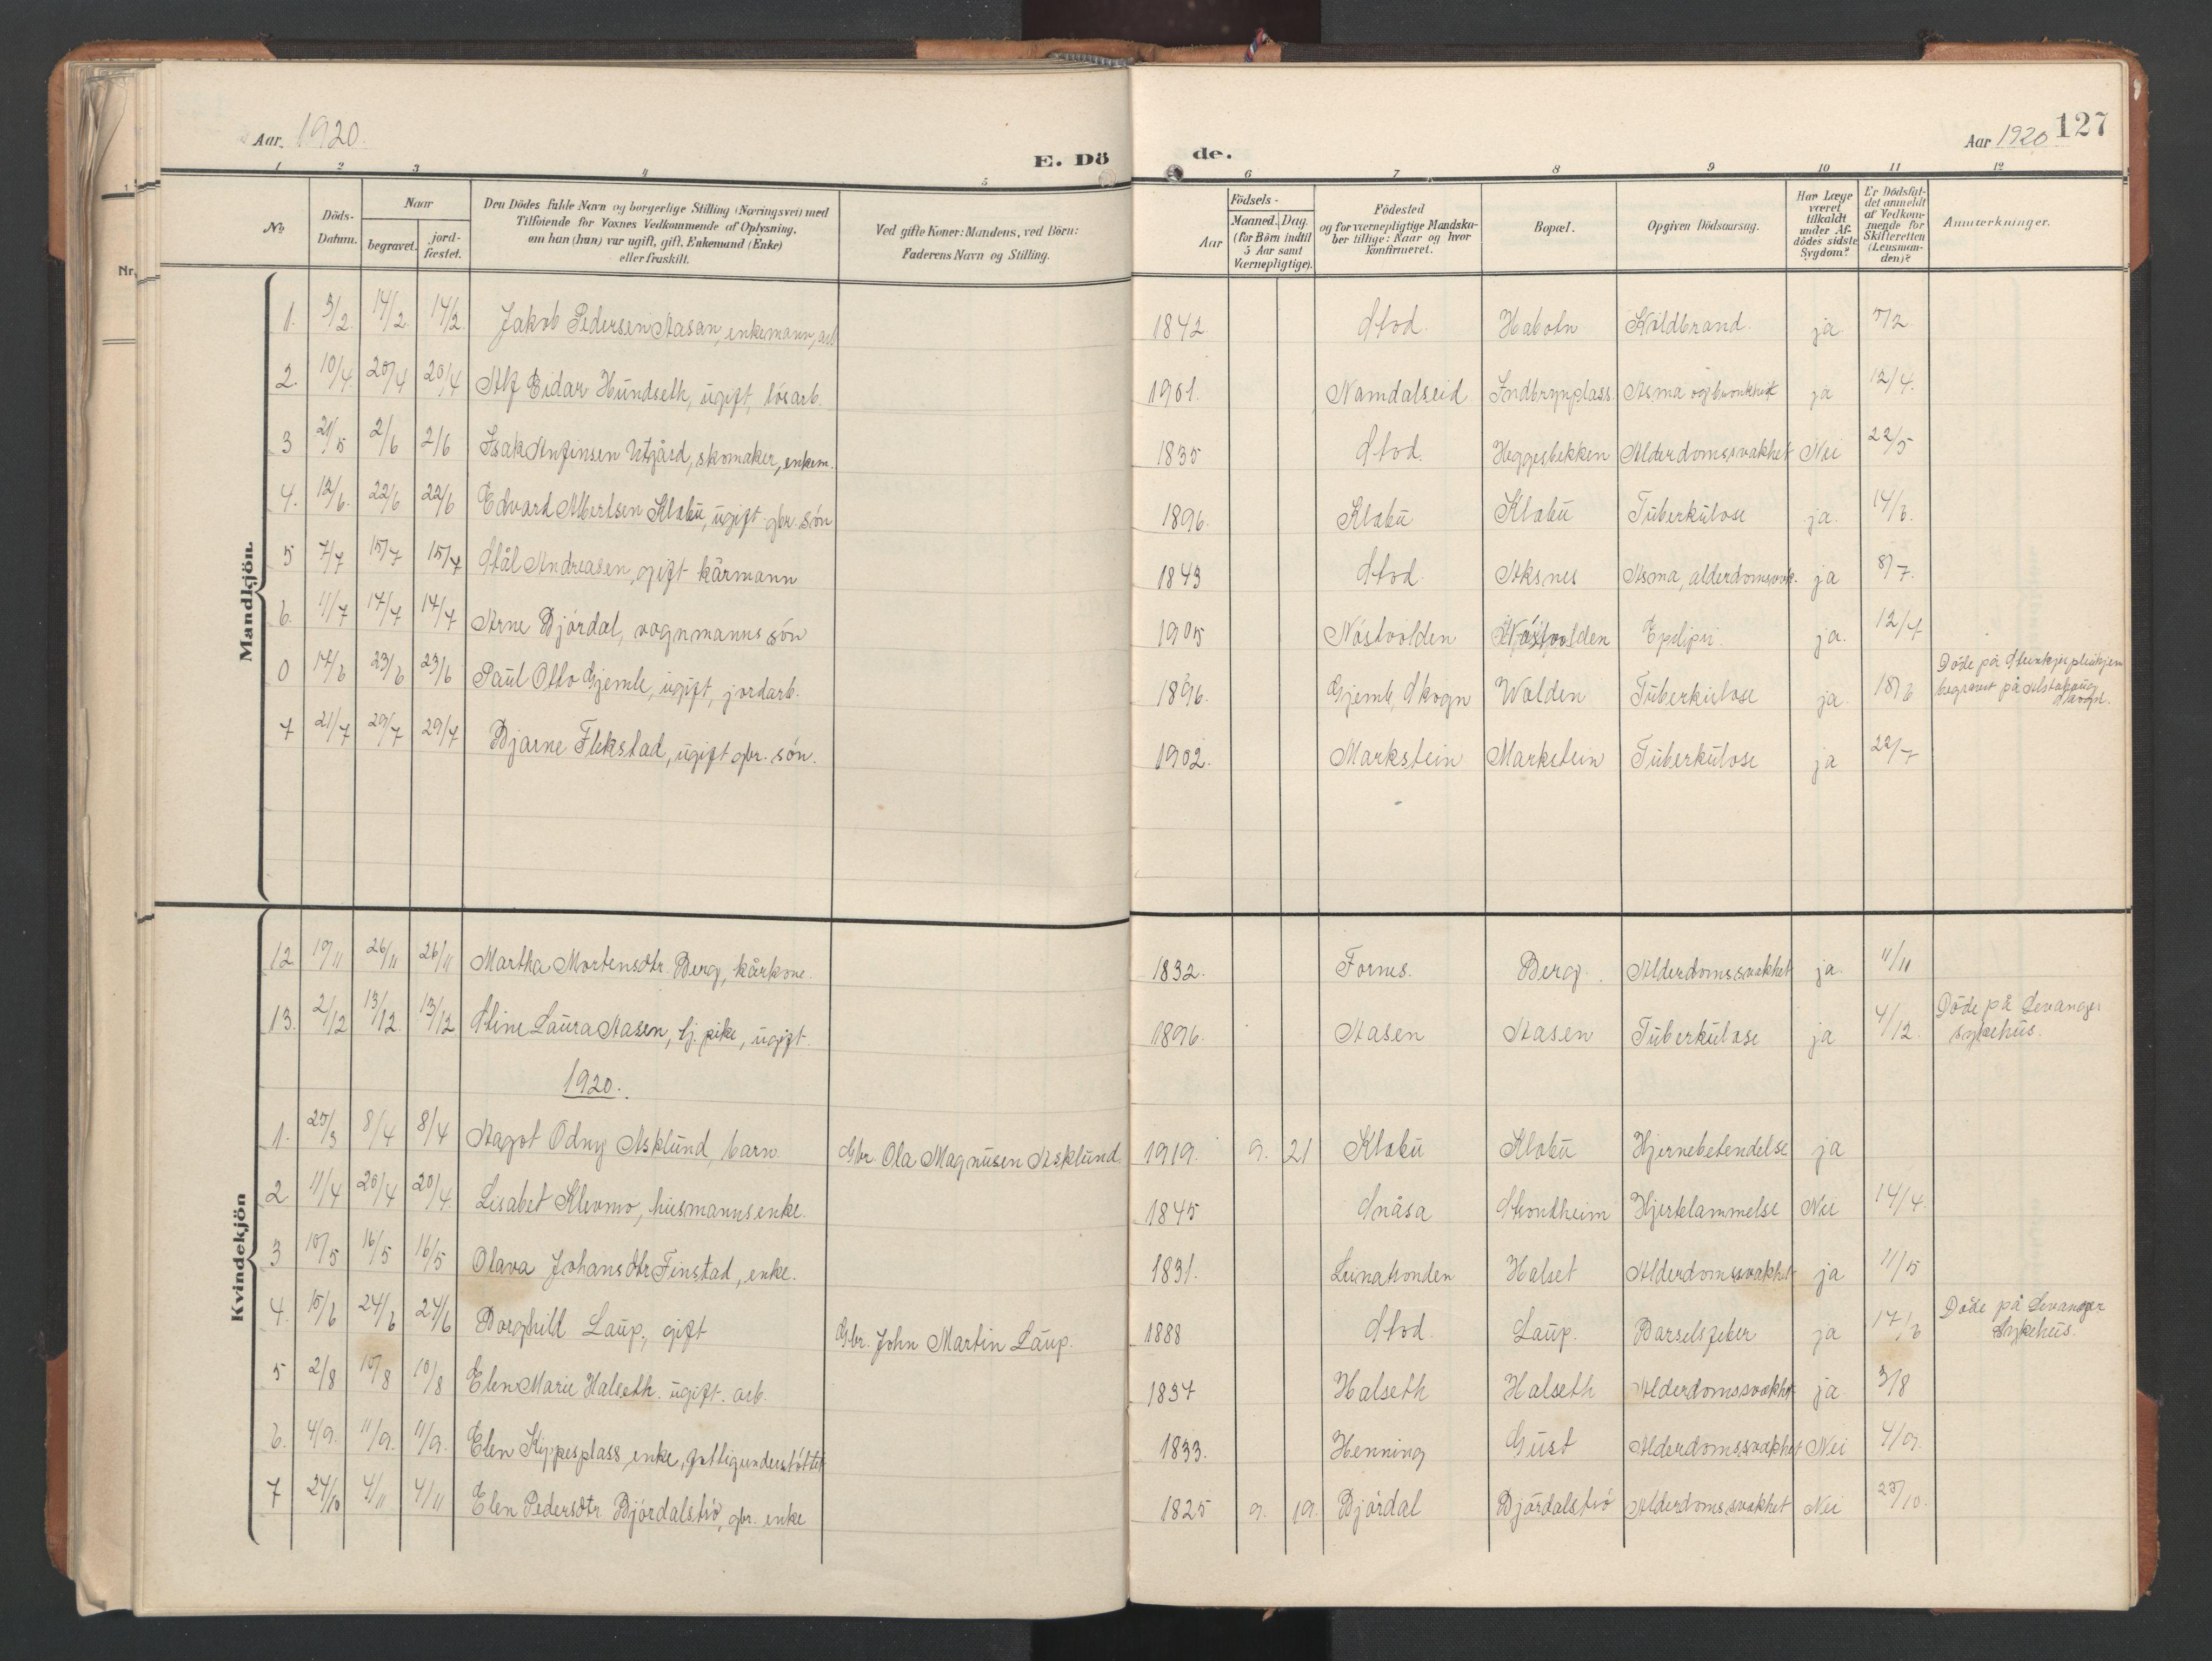 SAT, Ministerialprotokoller, klokkerbøker og fødselsregistre - Nord-Trøndelag, 746/L0455: Klokkerbok nr. 746C01, 1908-1933, s. 127